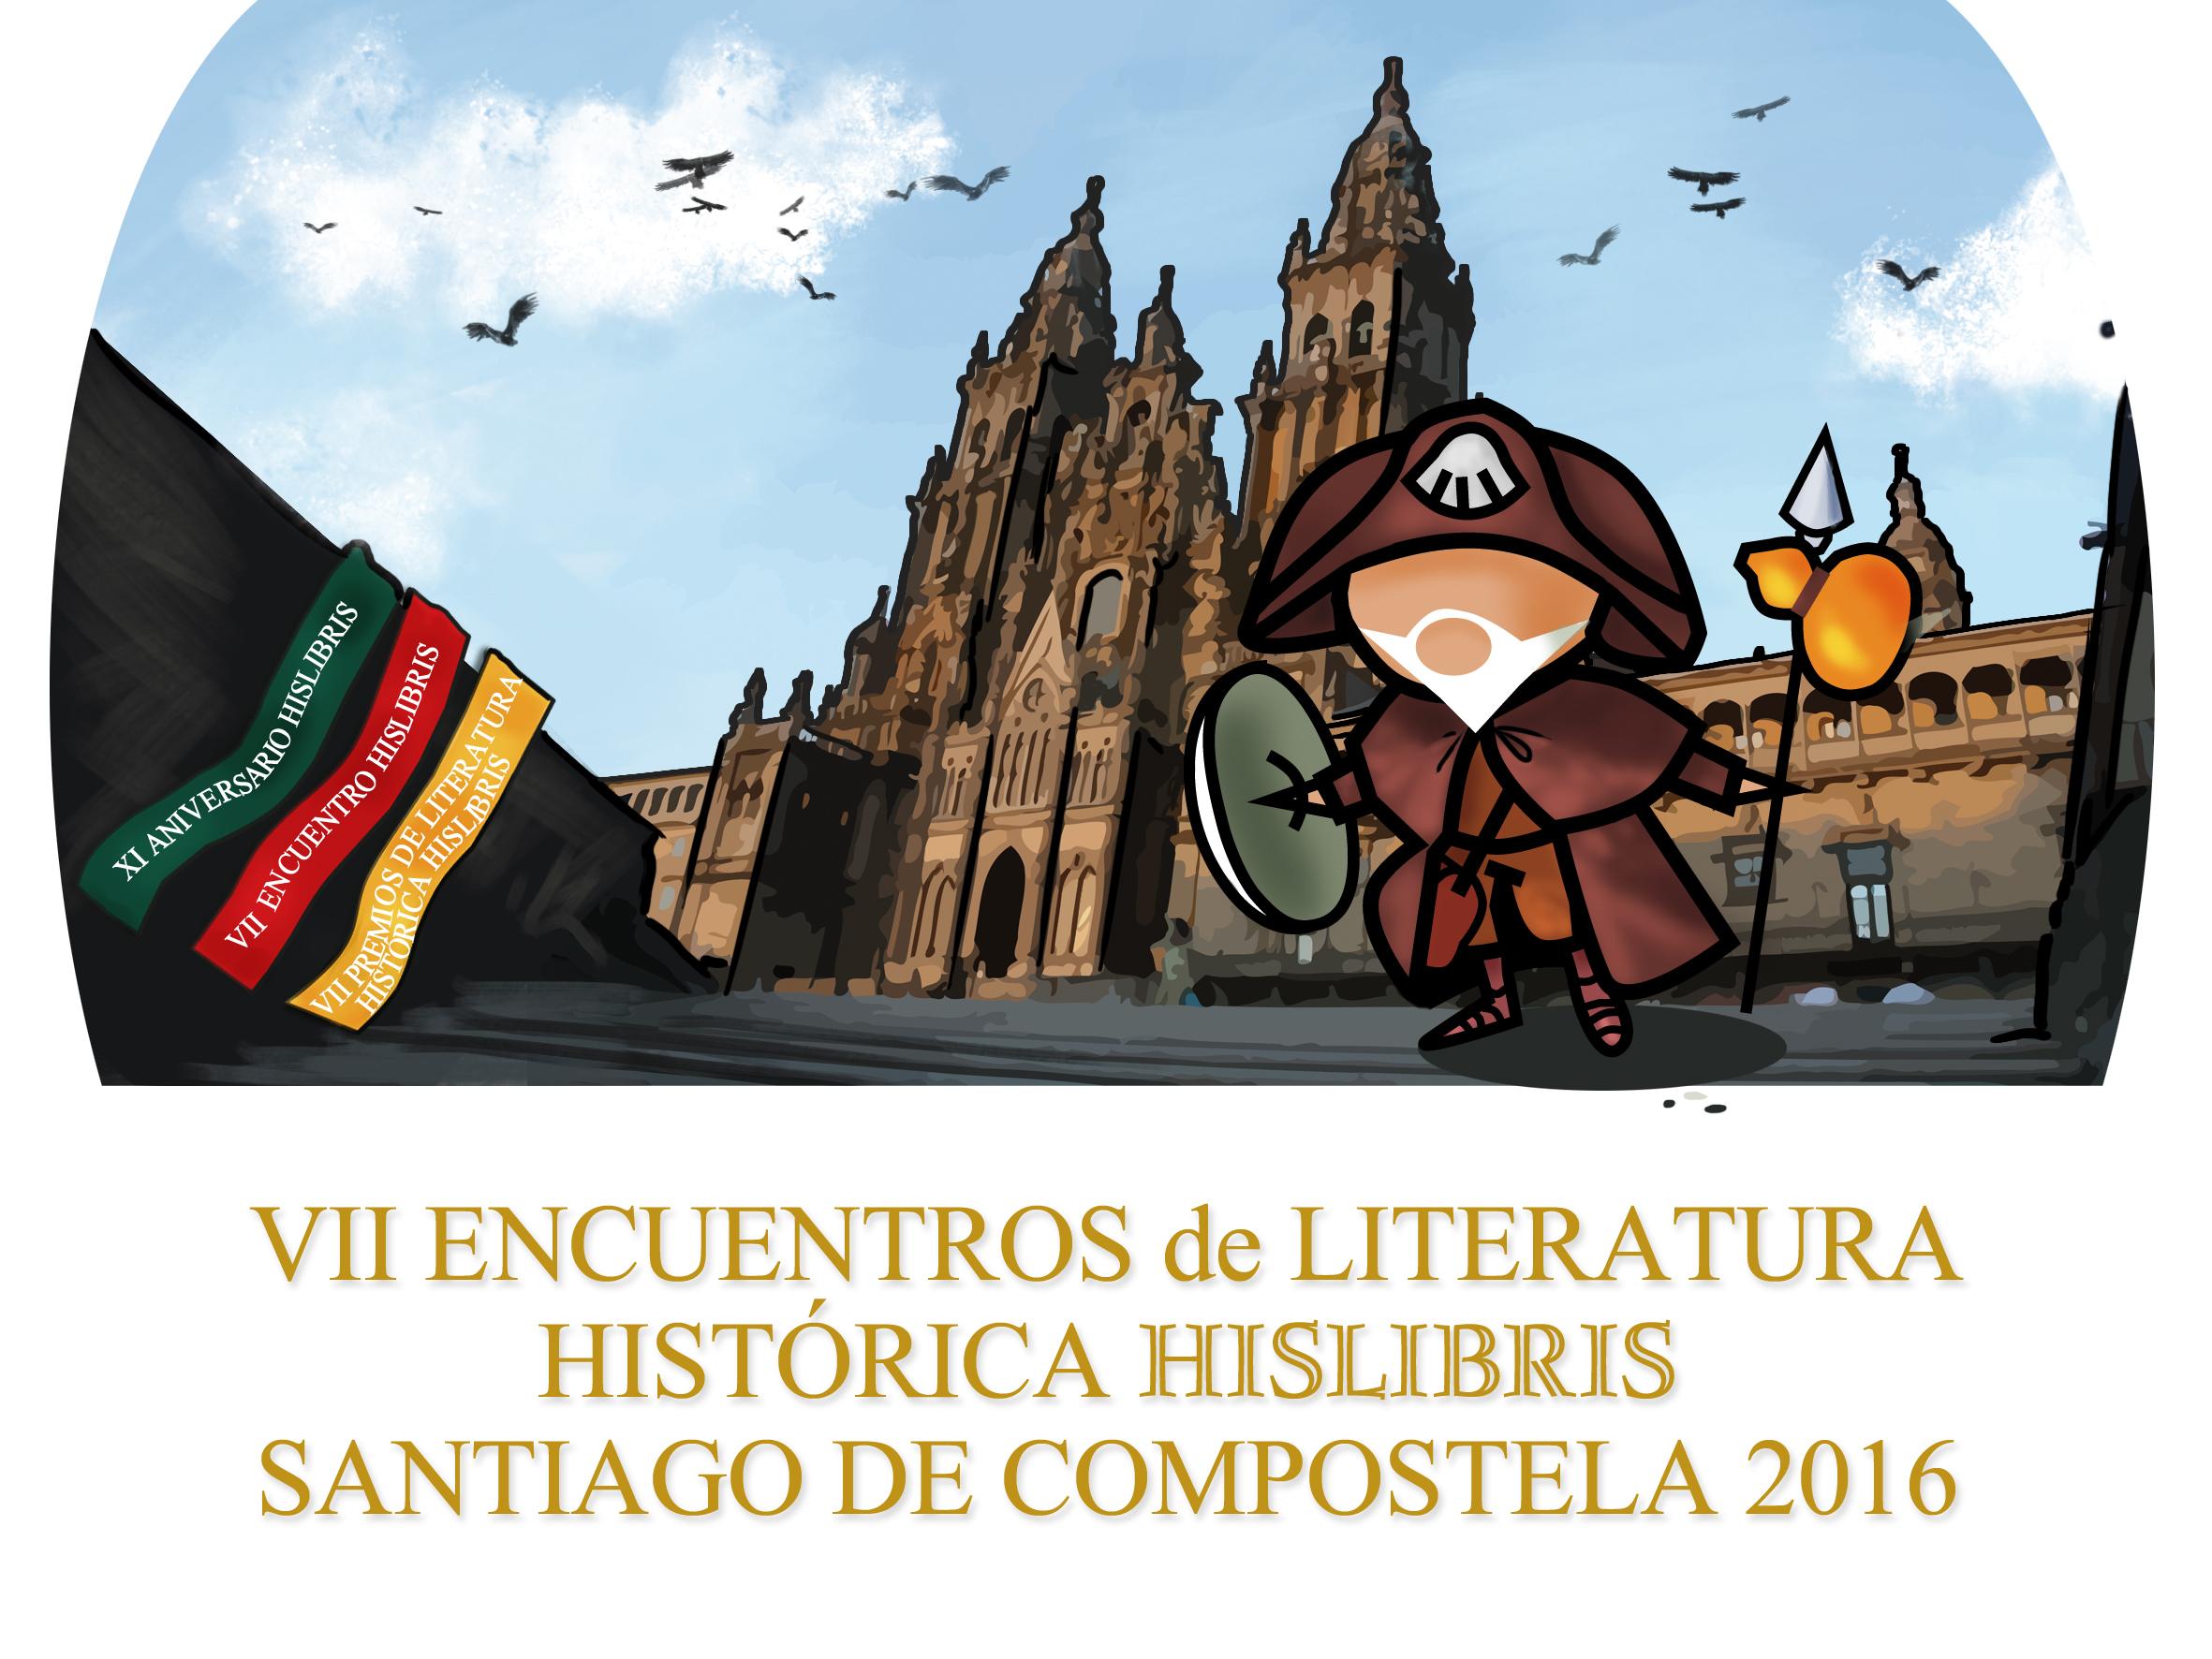 creatividad_vii_encuentros_hislibris_santiago